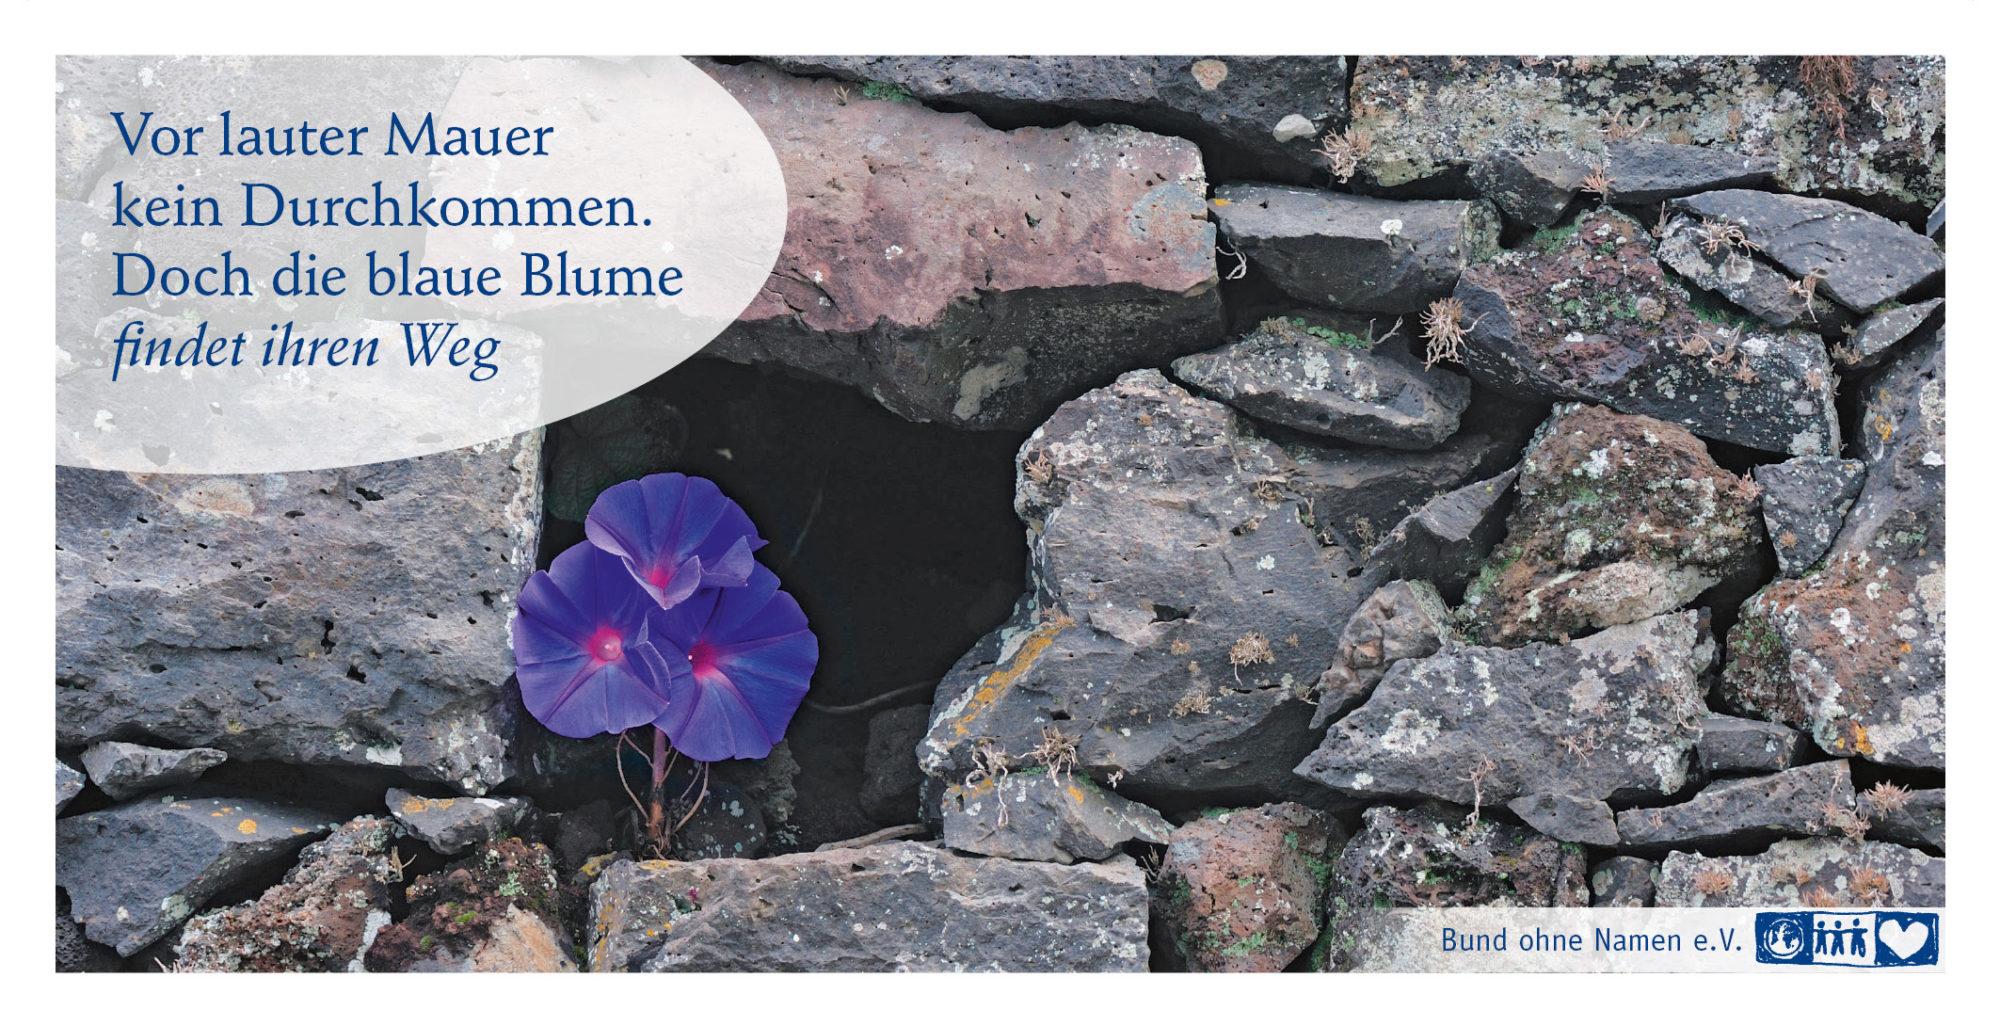 Vor lauter Mauer kein Durchkommen. Doch die blaue Blume findet ihren Weg